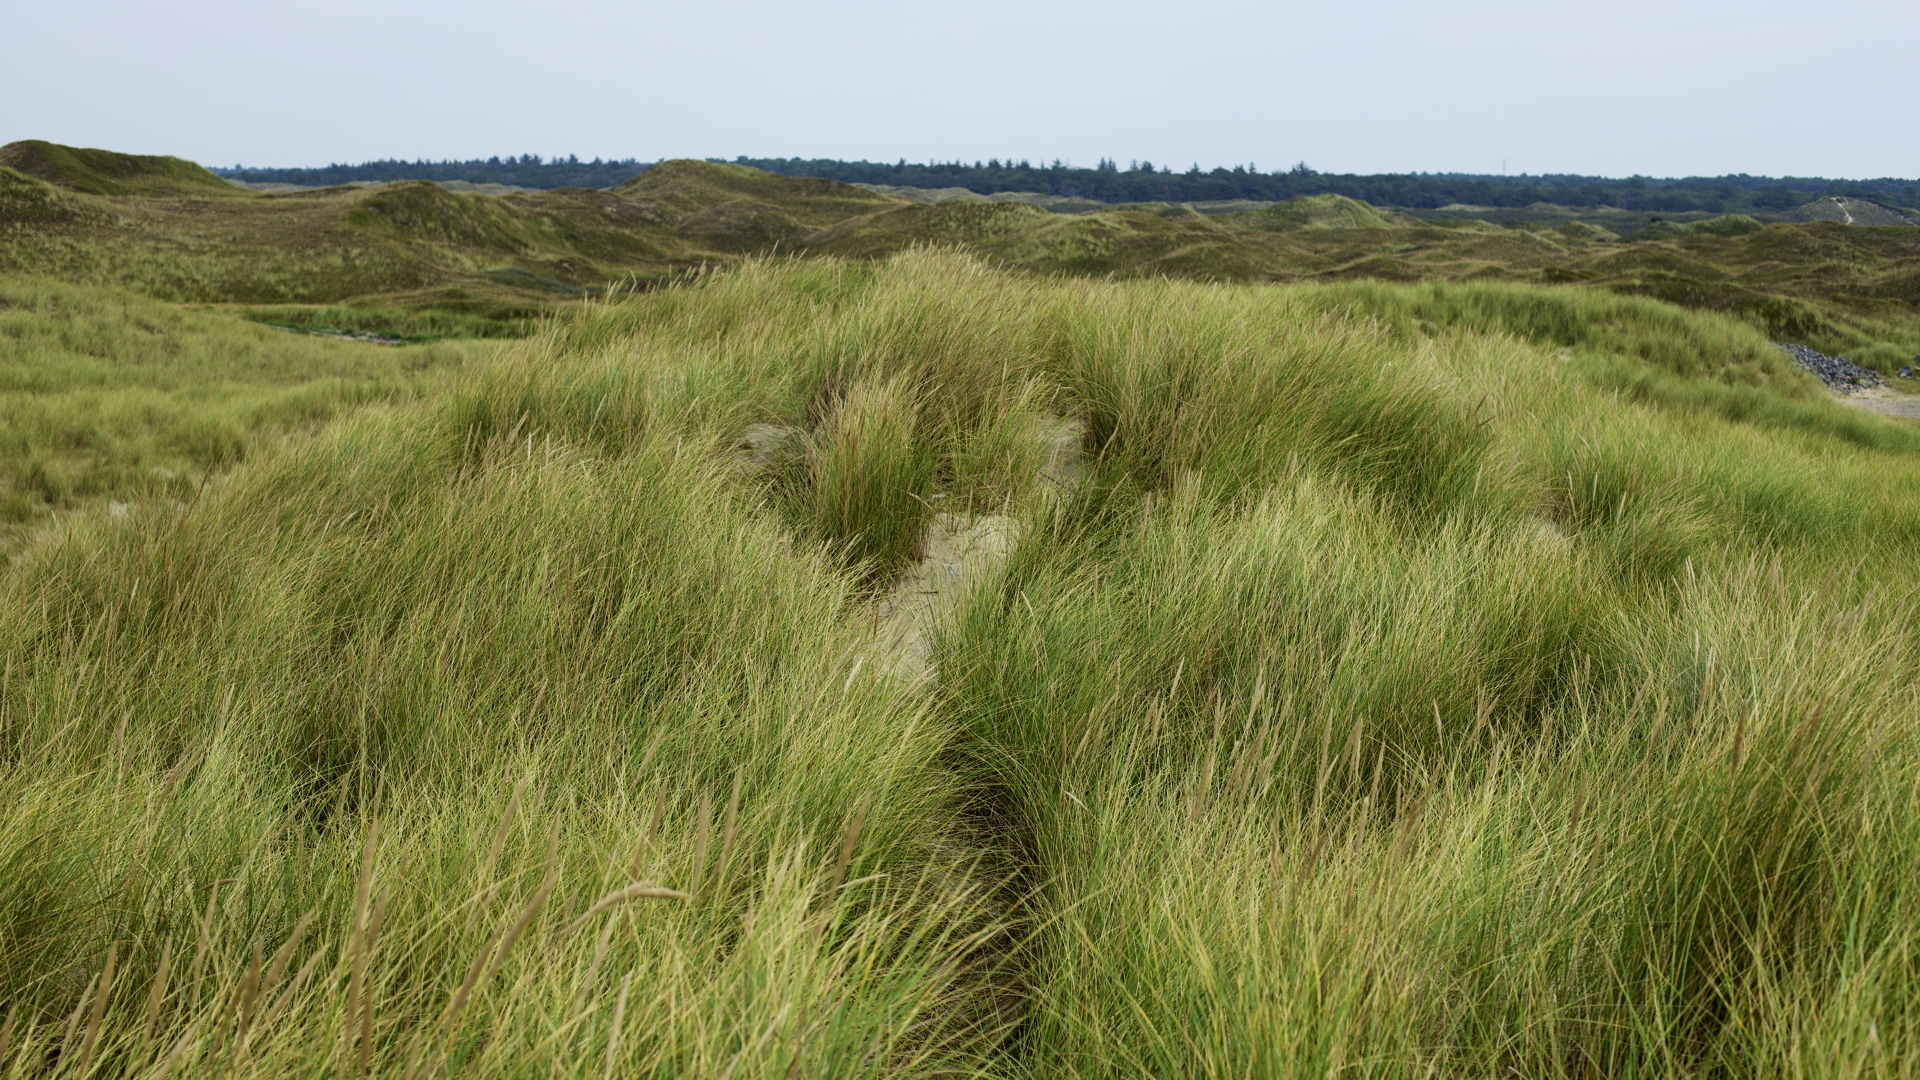 Texel, Strandbad, Dünen